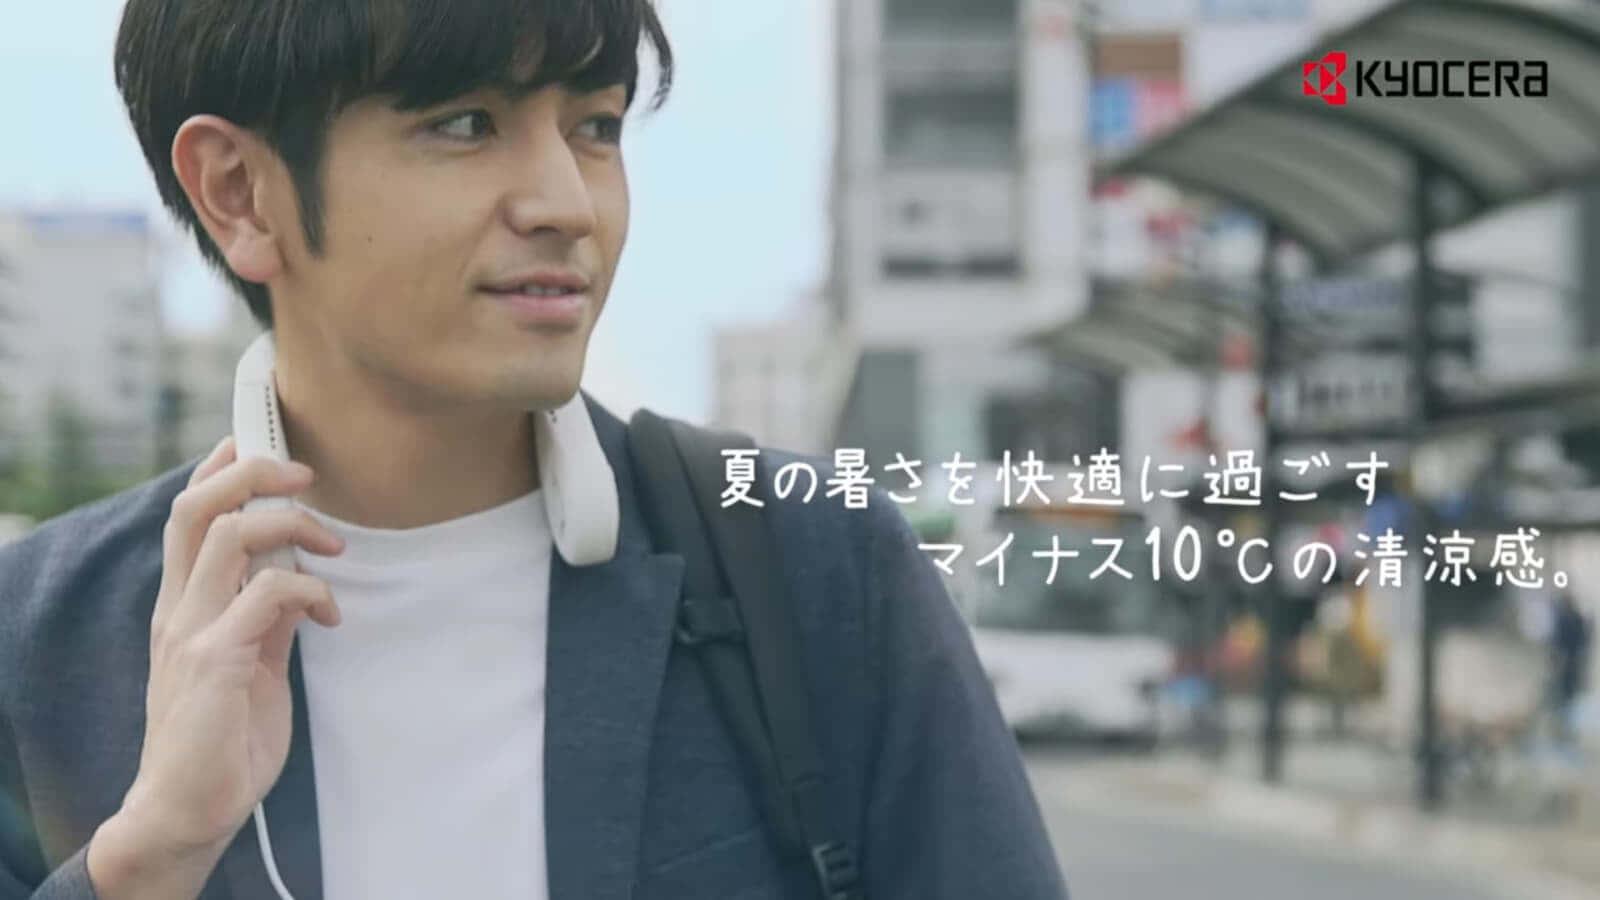 京セラ DNC5000 モバイルネッククーラーを発売、工具業界初の身に着けるエアコン